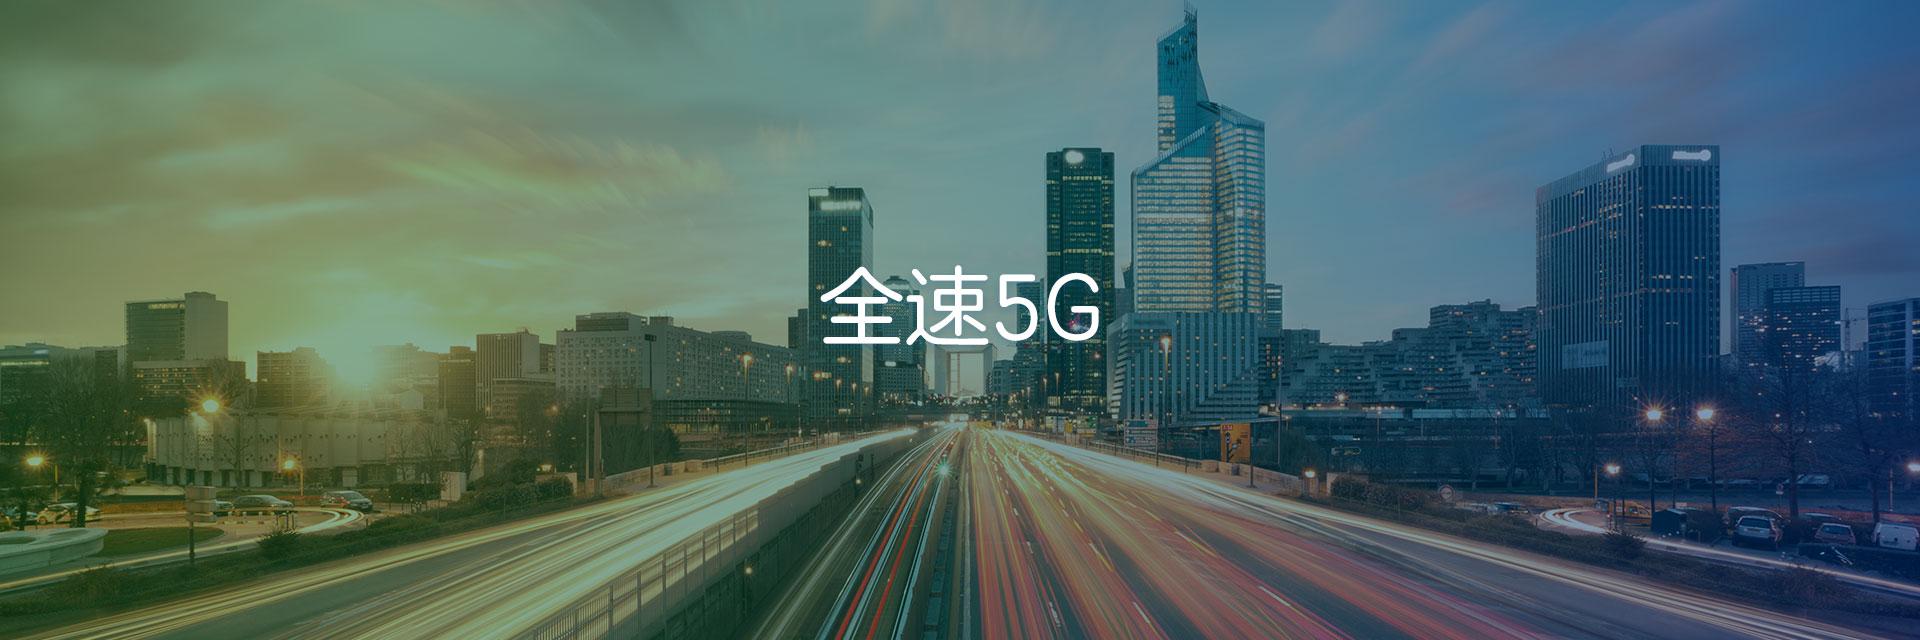 全(quan)速5G